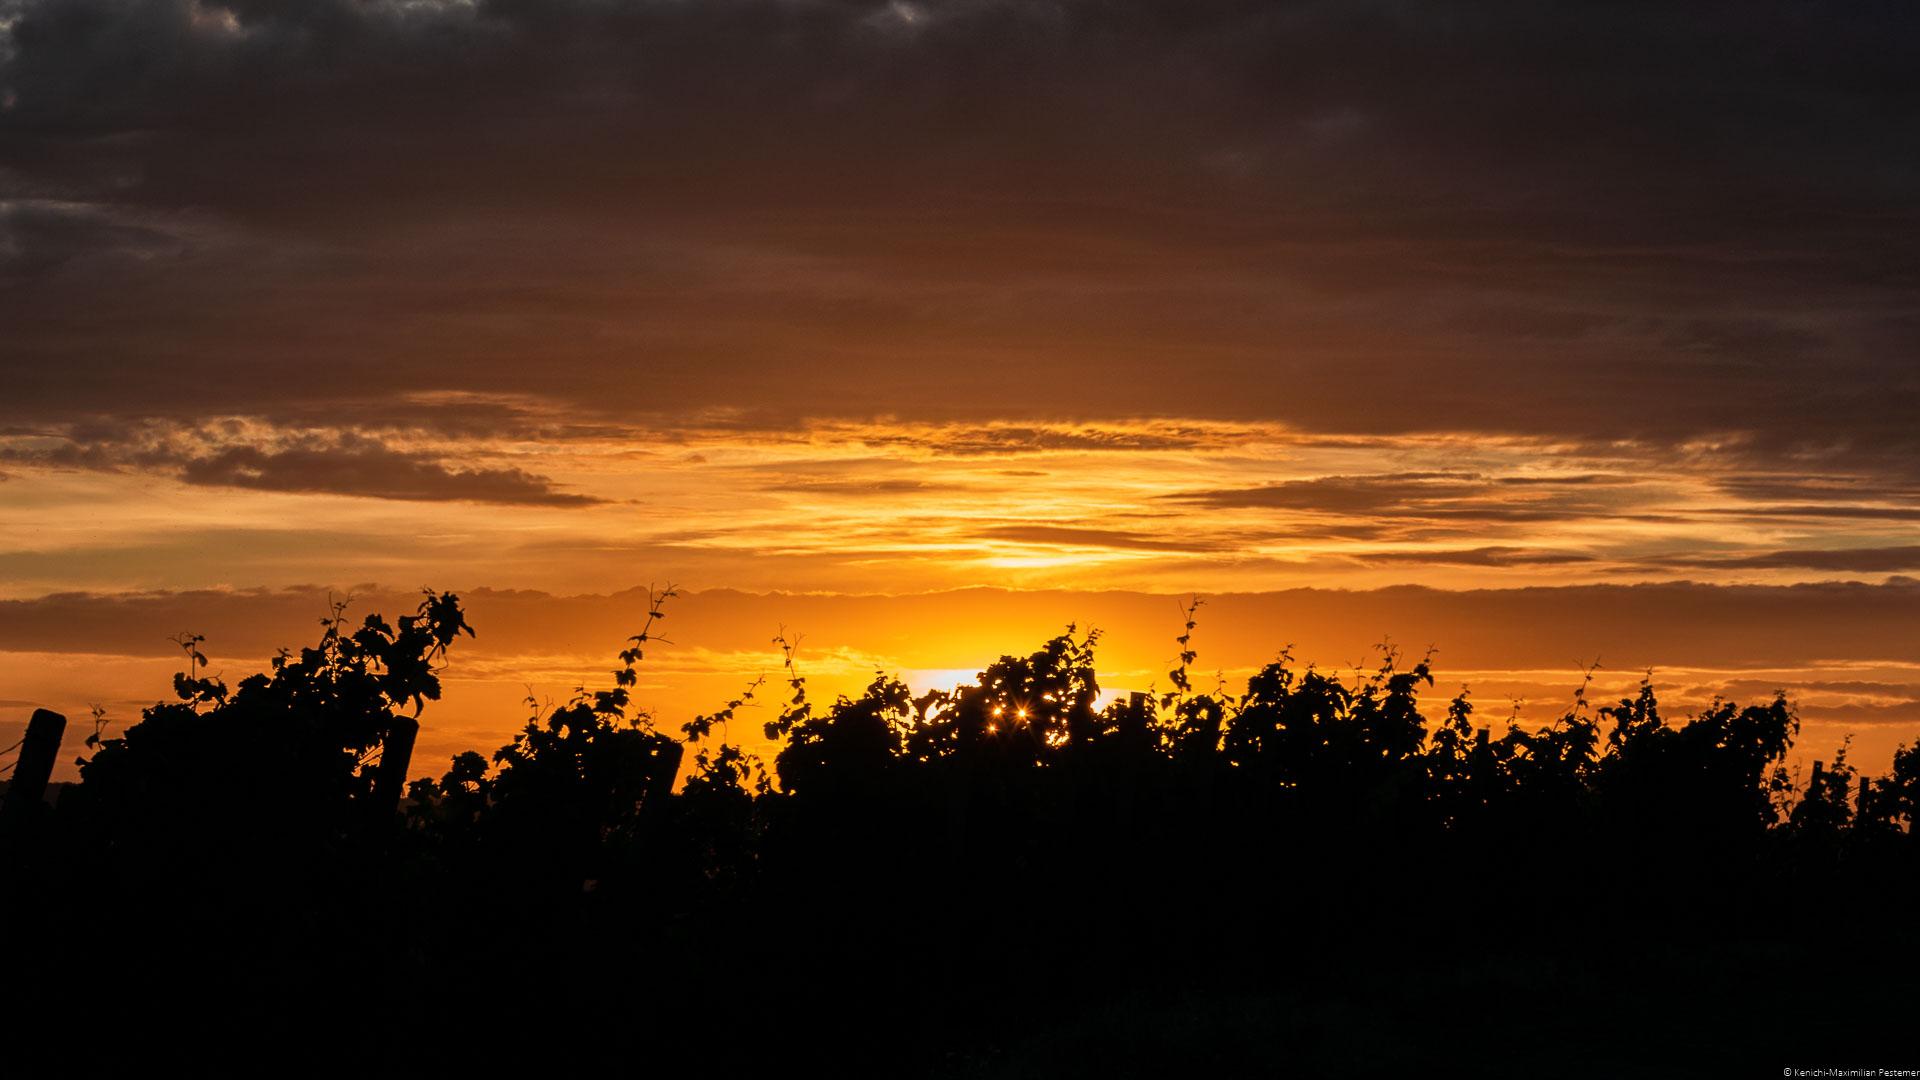 Reben im Vordergrund und während Sonne im Hintergrund am Himmel untergeht; Parzelle des Weinberges Wiltinger Braunfels an der Parzelle Vols